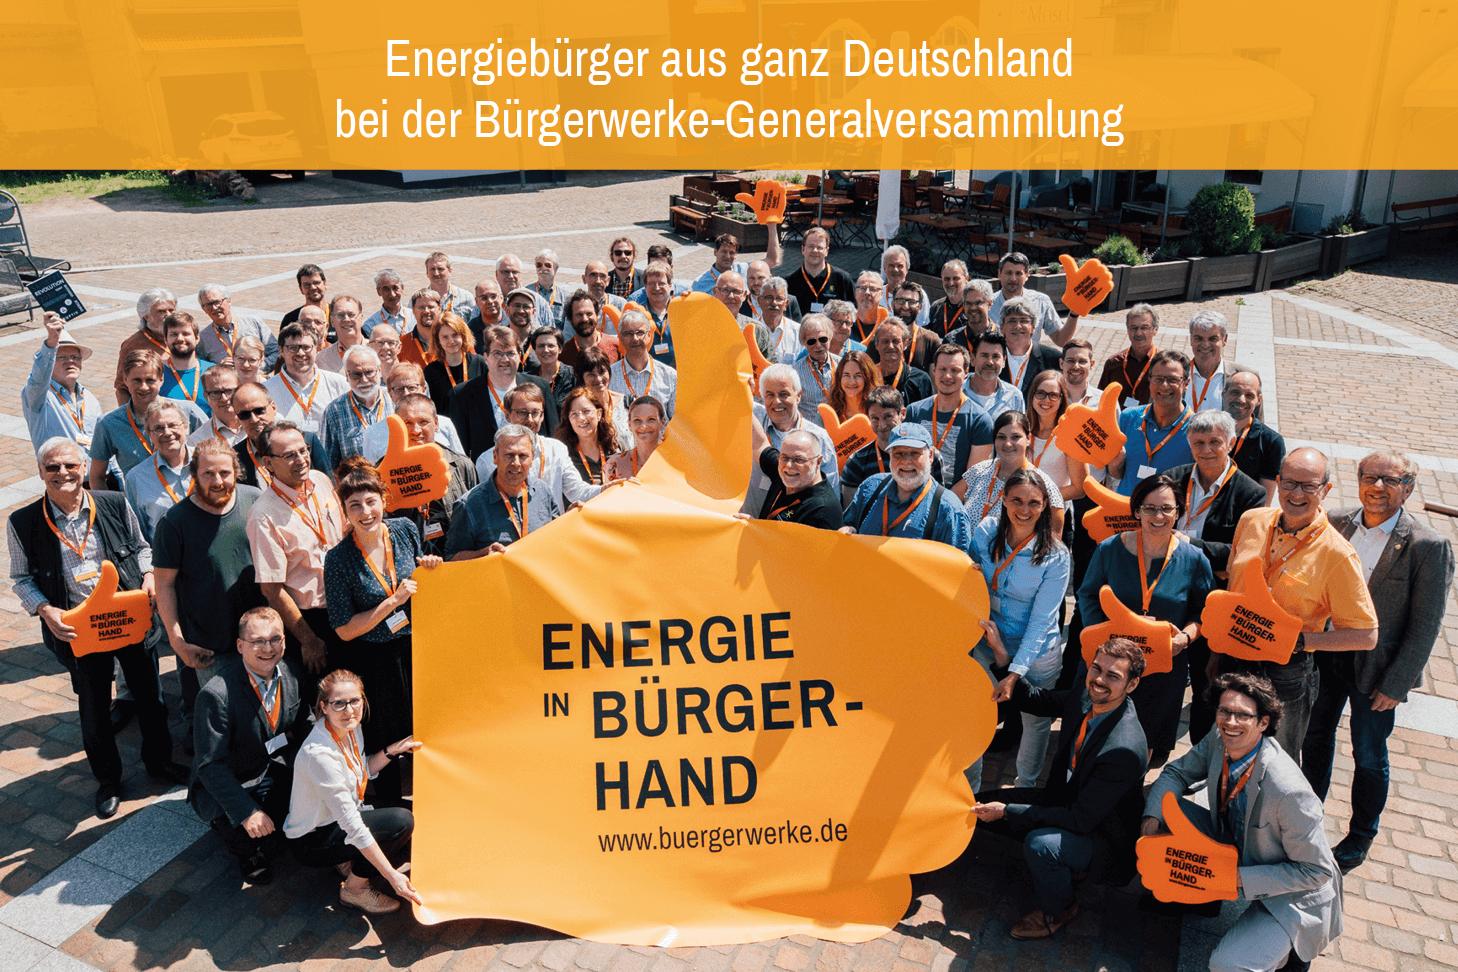 Energiebuerger-der-Buergerwerke